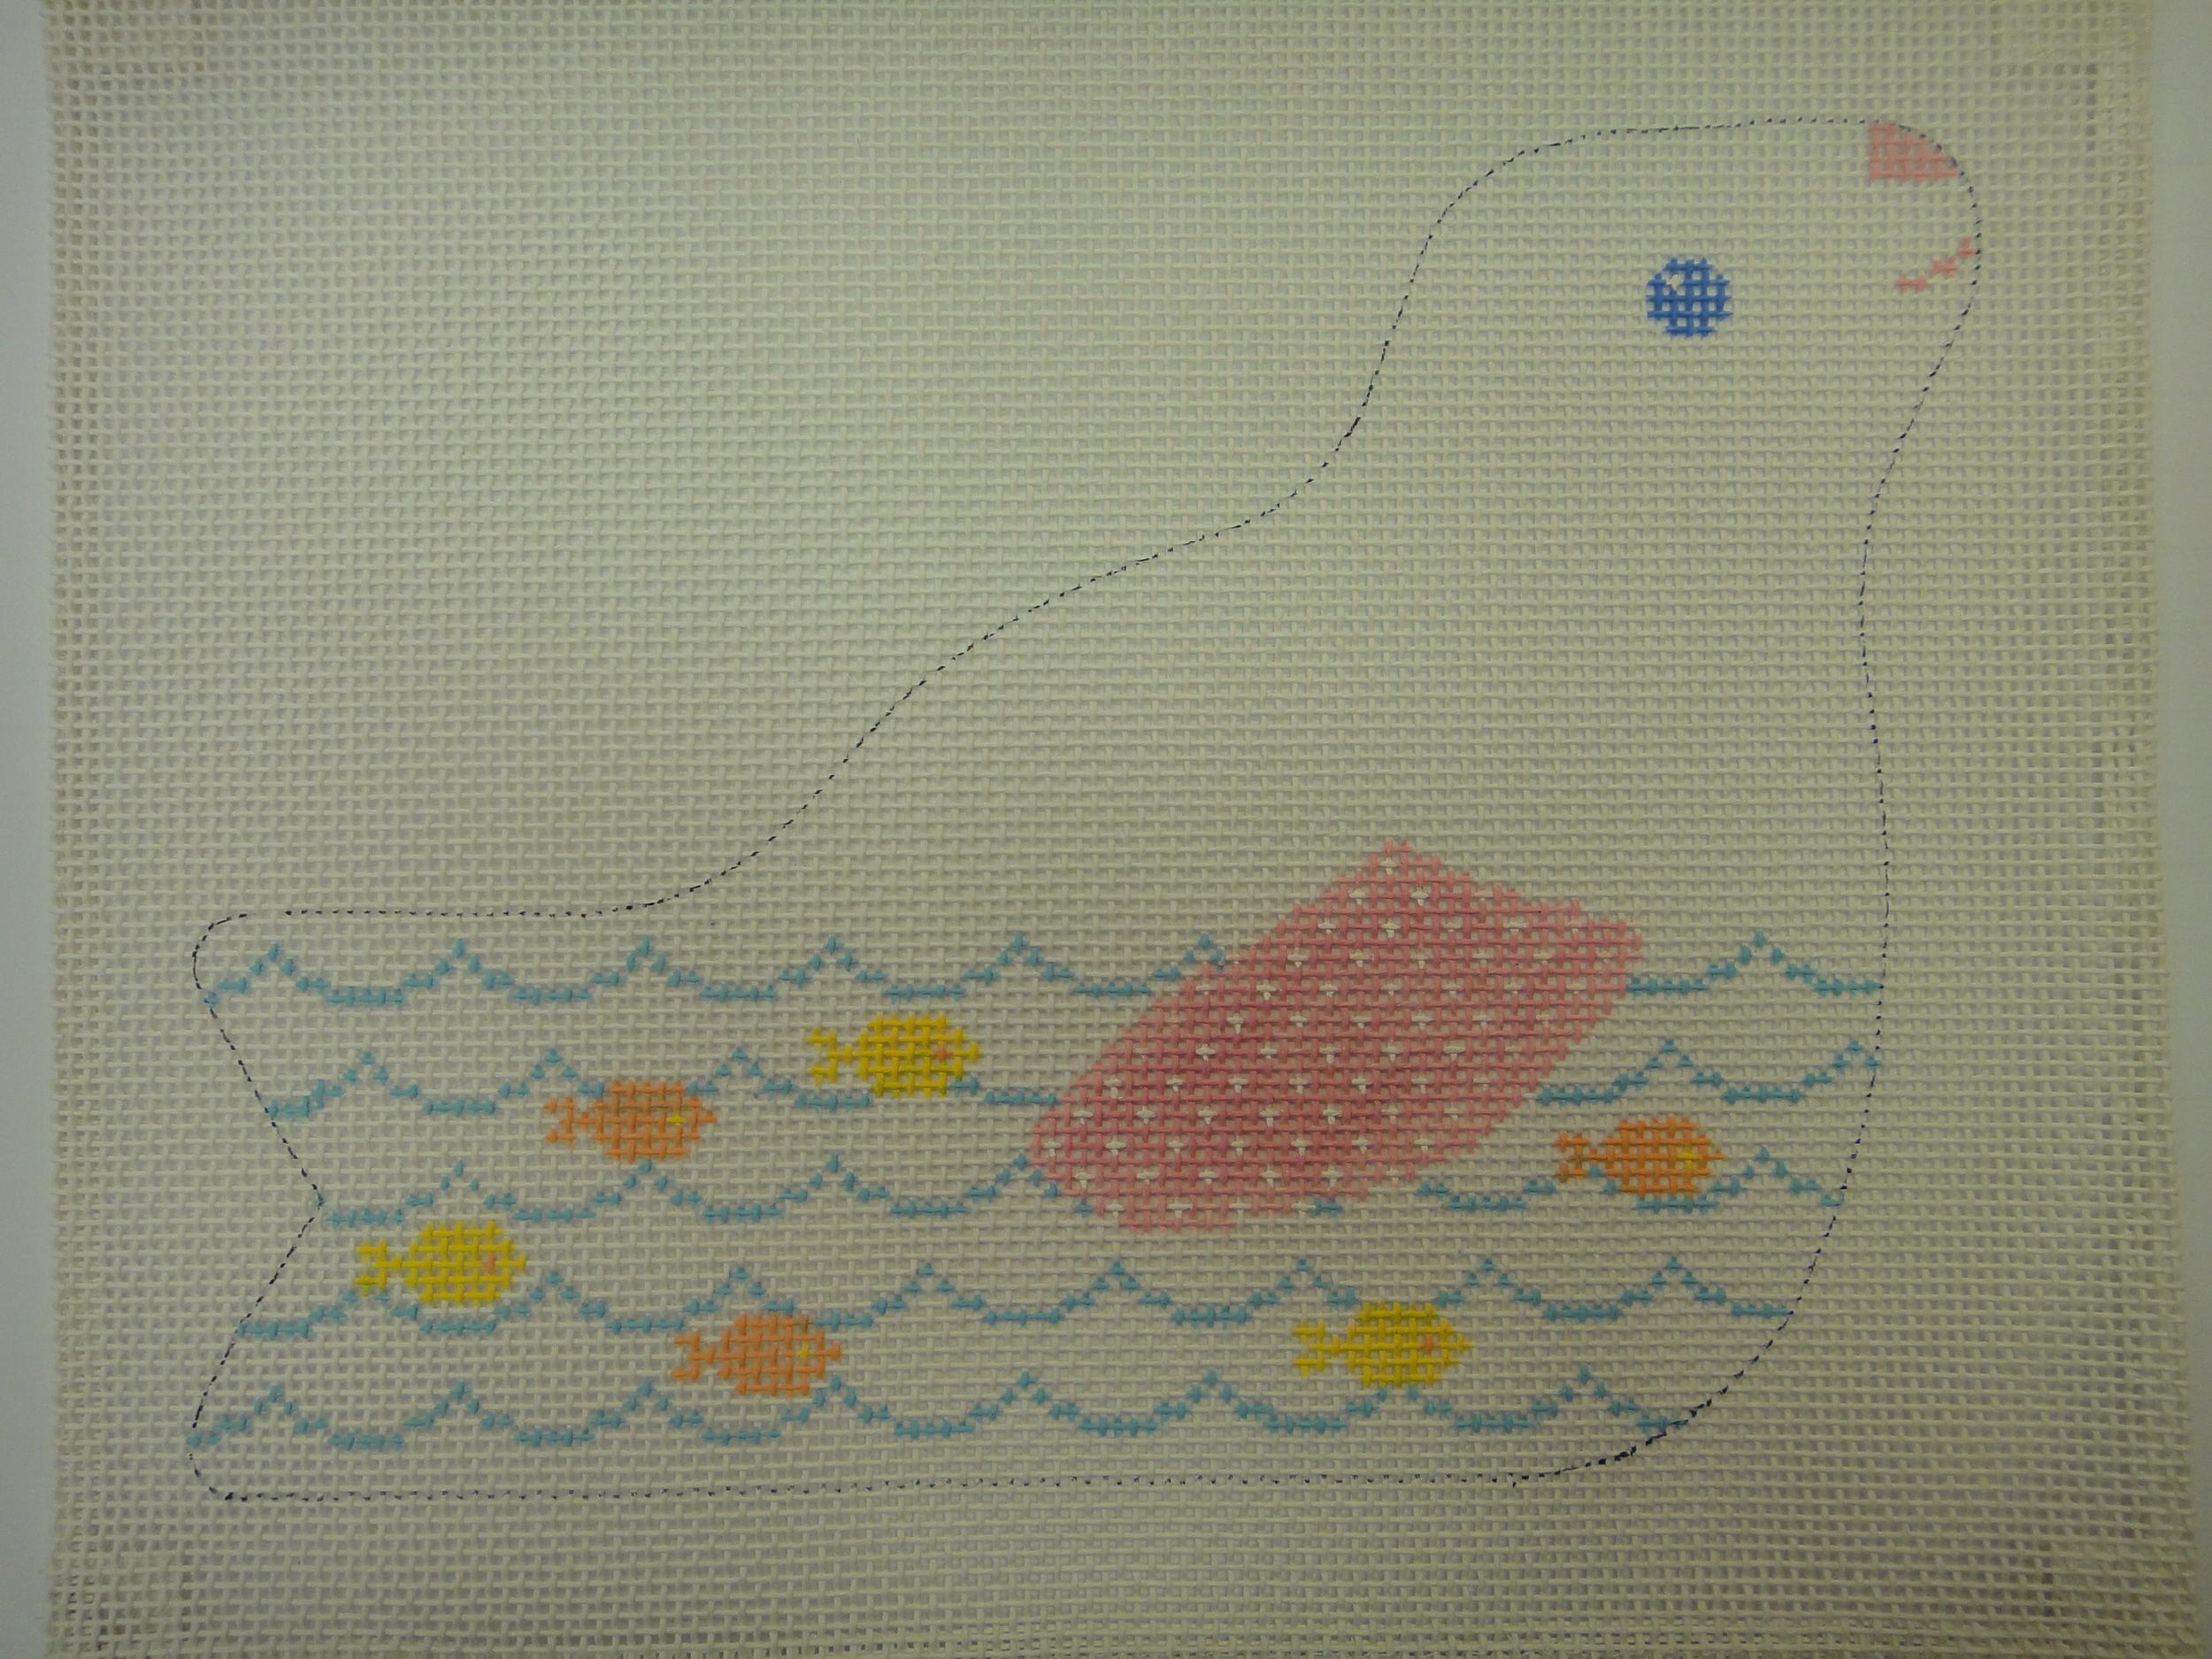 C40C Snow Animals, Seal, 10 mesh (11x8.5)